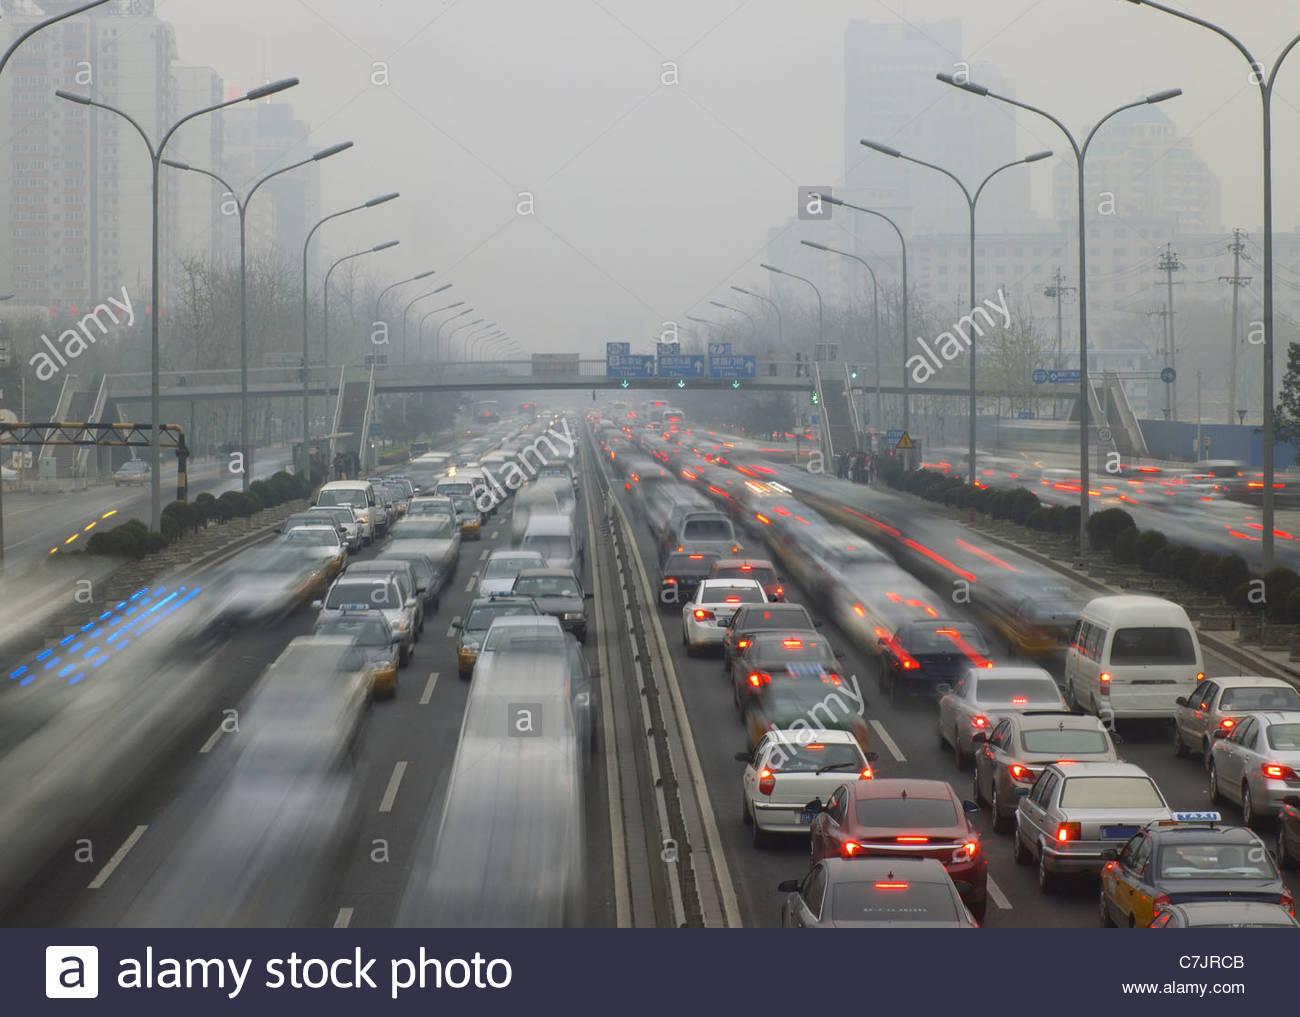 Zeitraffer Zeitansicht Verkehr auf Autobahn Stockbild